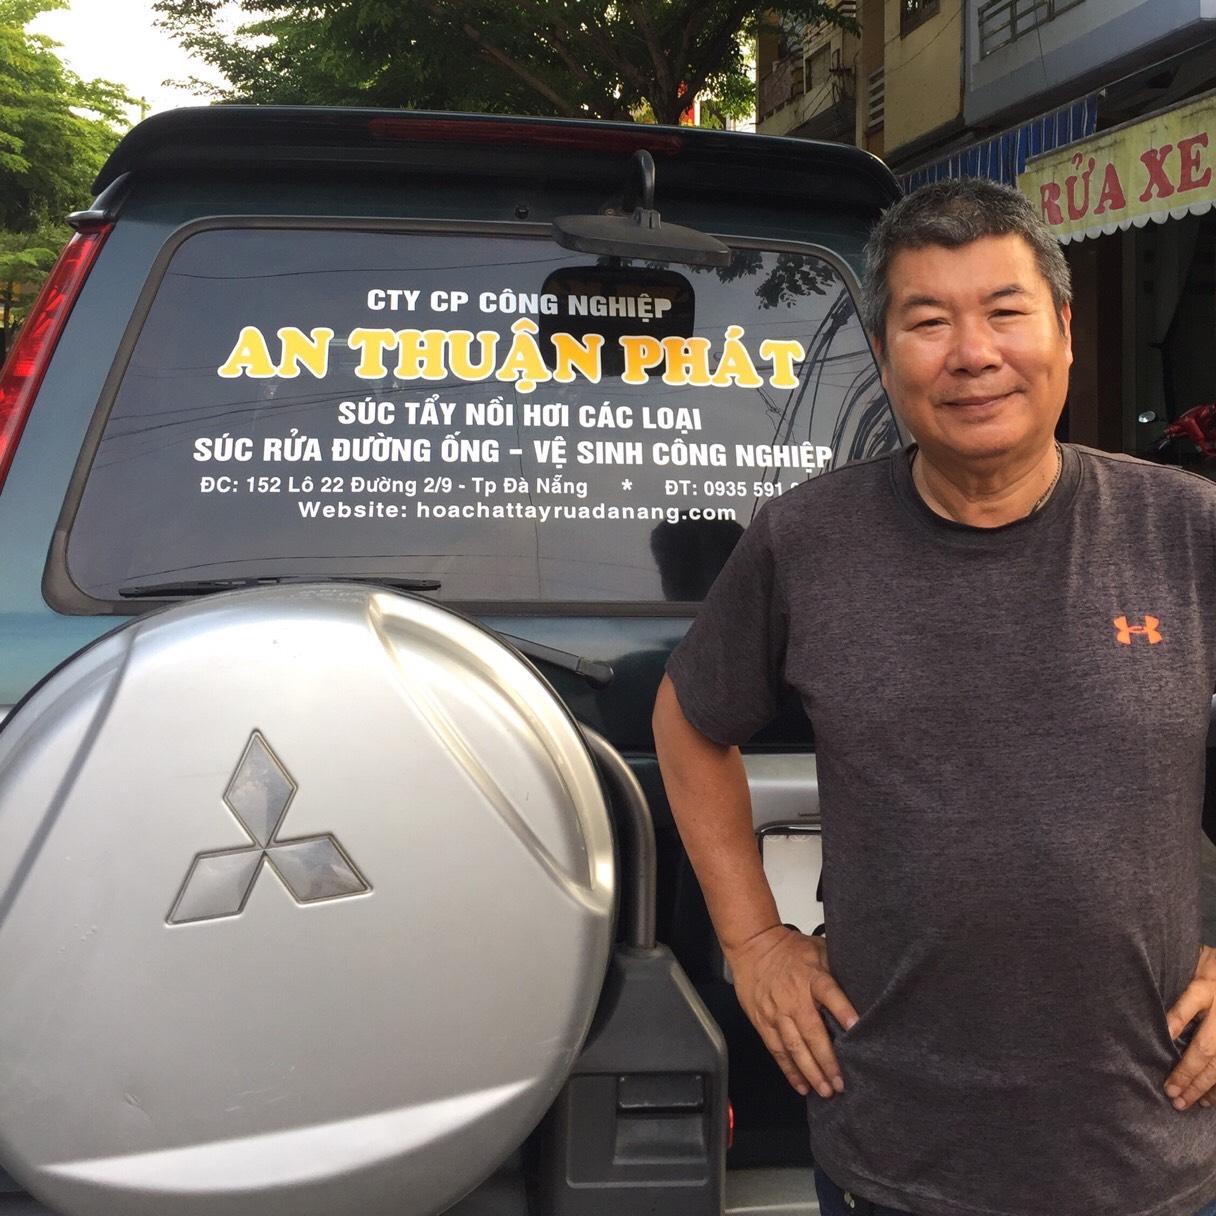 An Thuận Phát – Hóa chất tẩy rửa Đà Nẵng